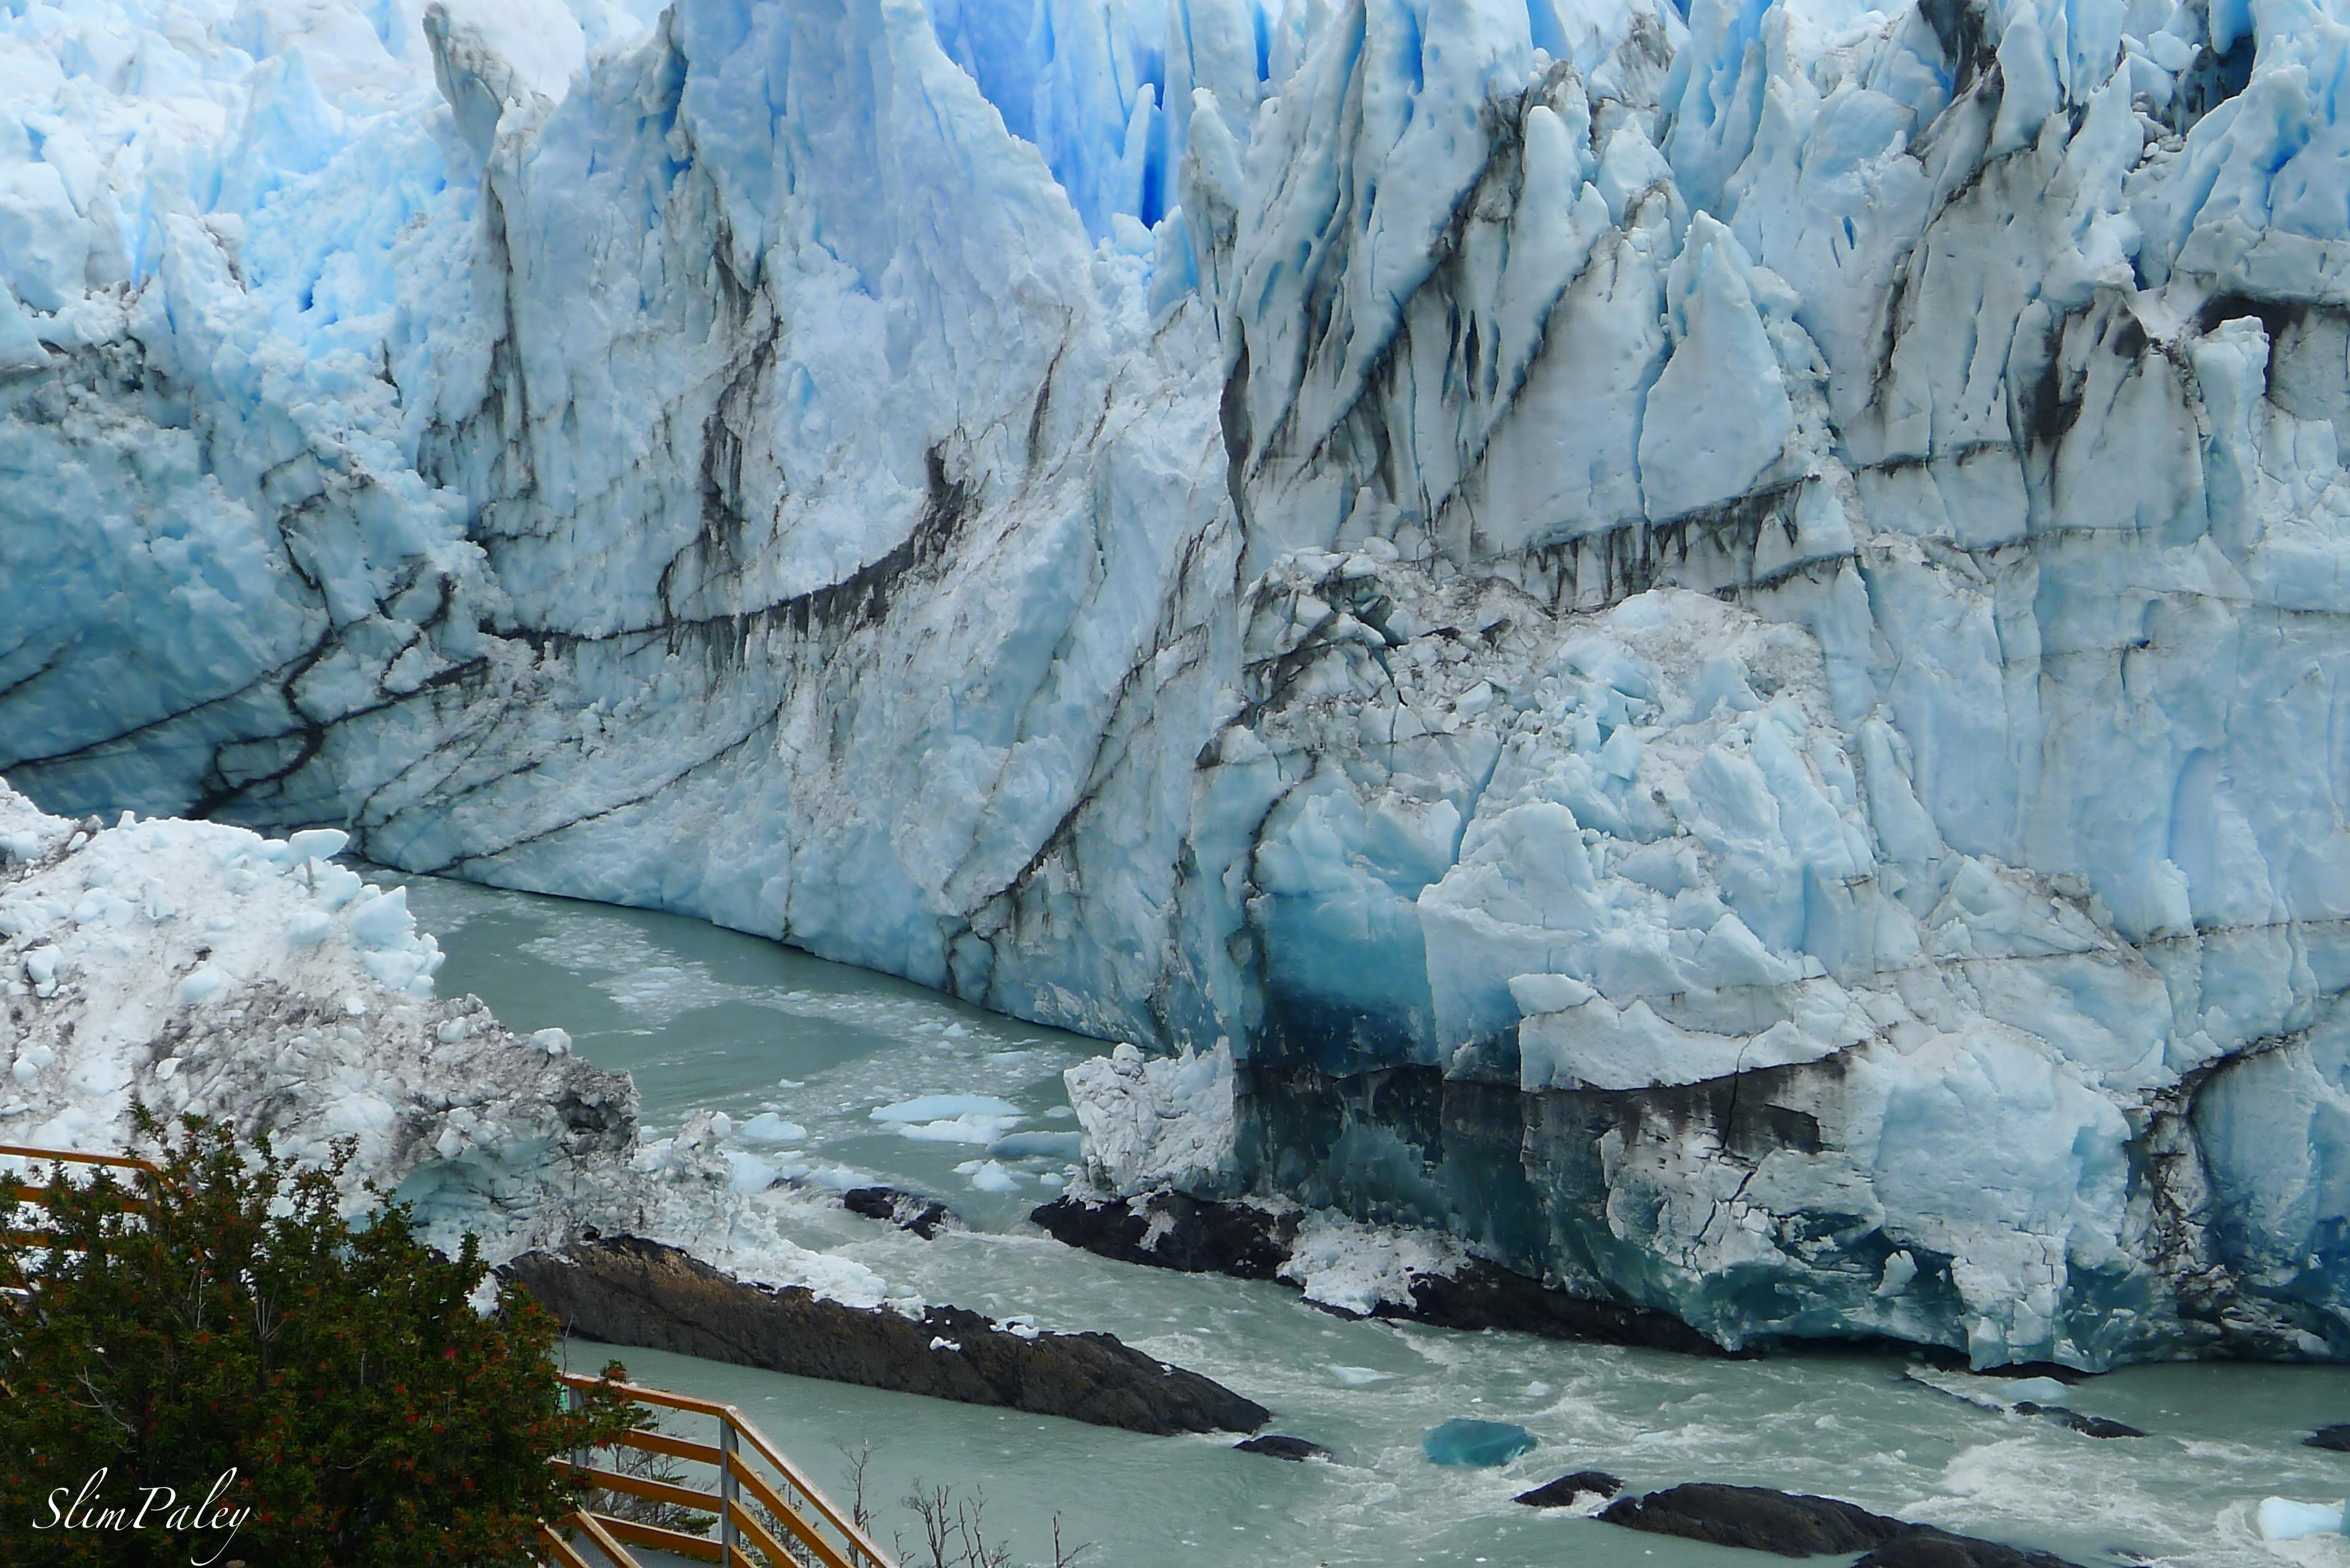 Perito Moreno glacier, slimpaley.com